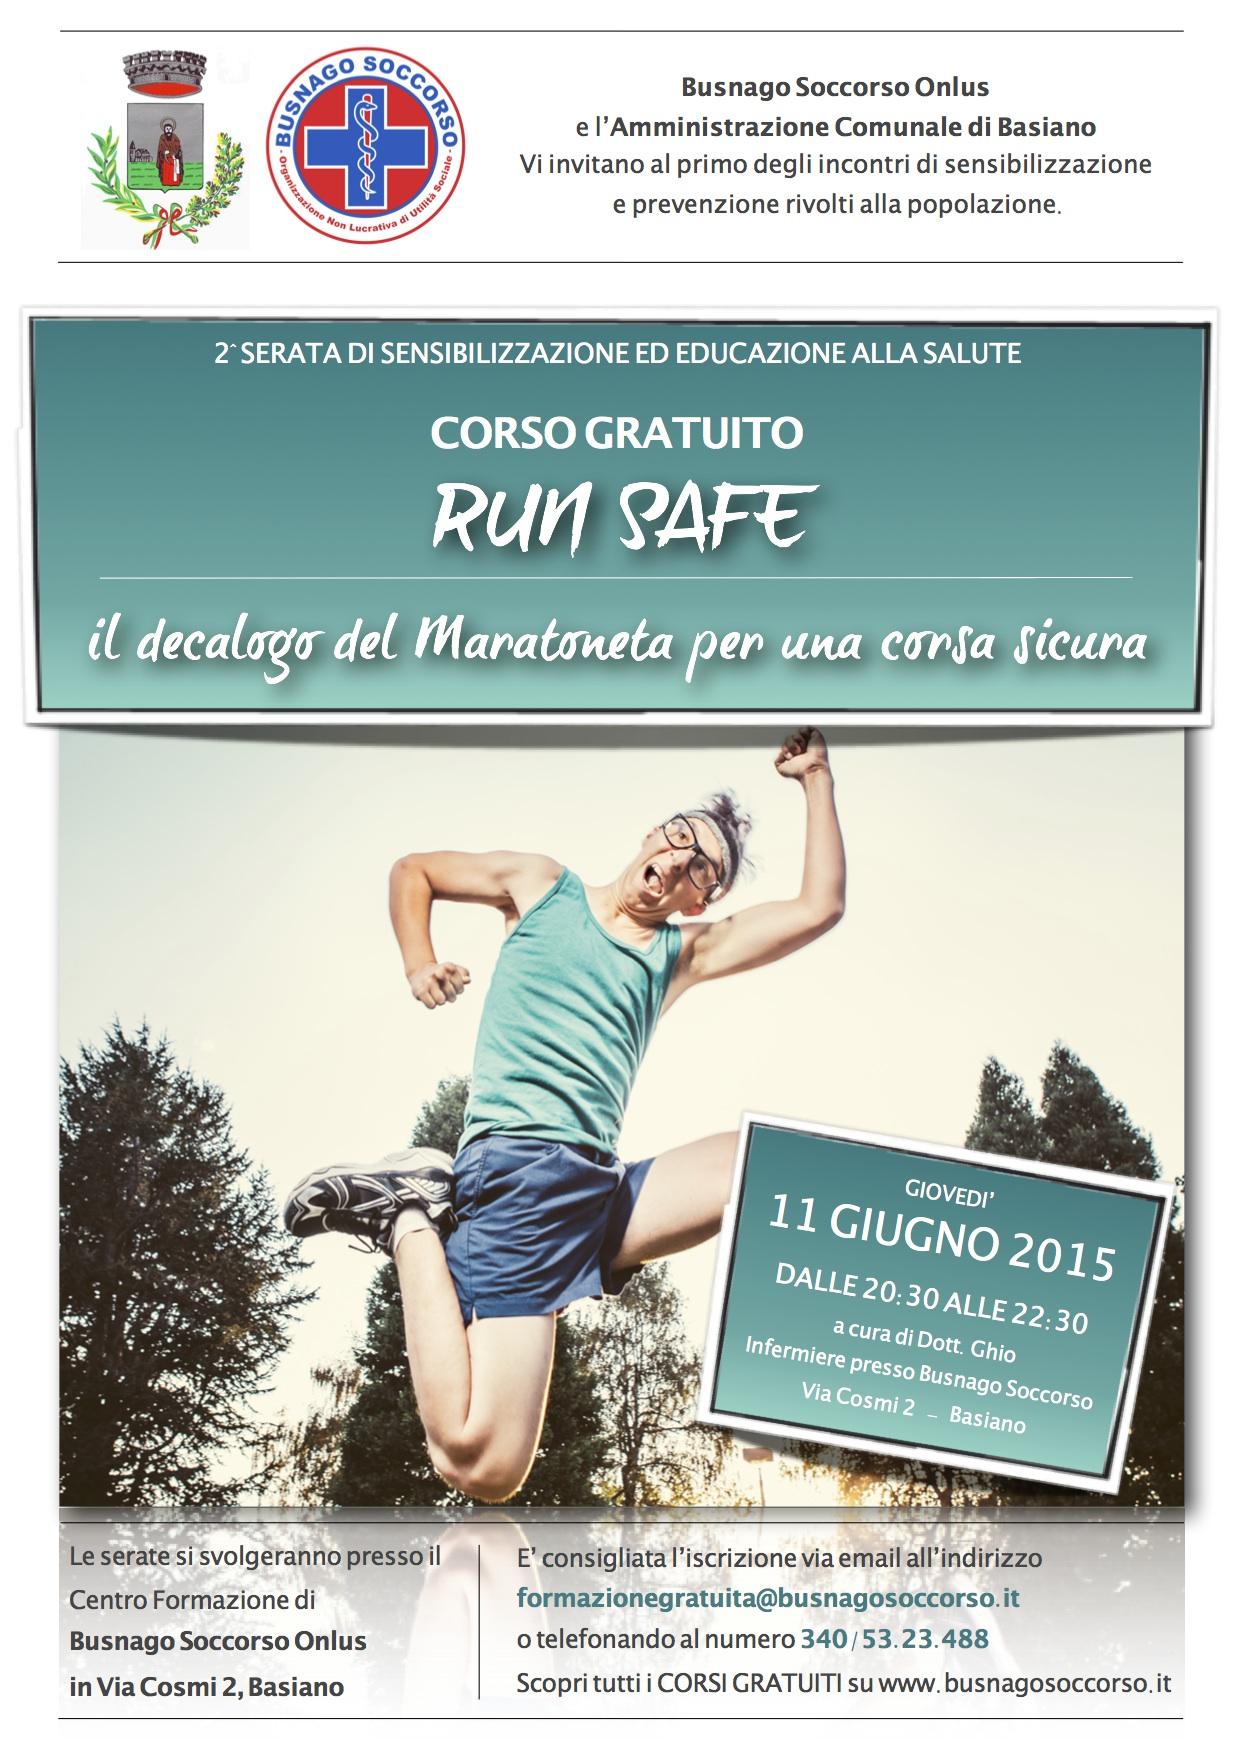 run_safe_2015_busnagosoccorso